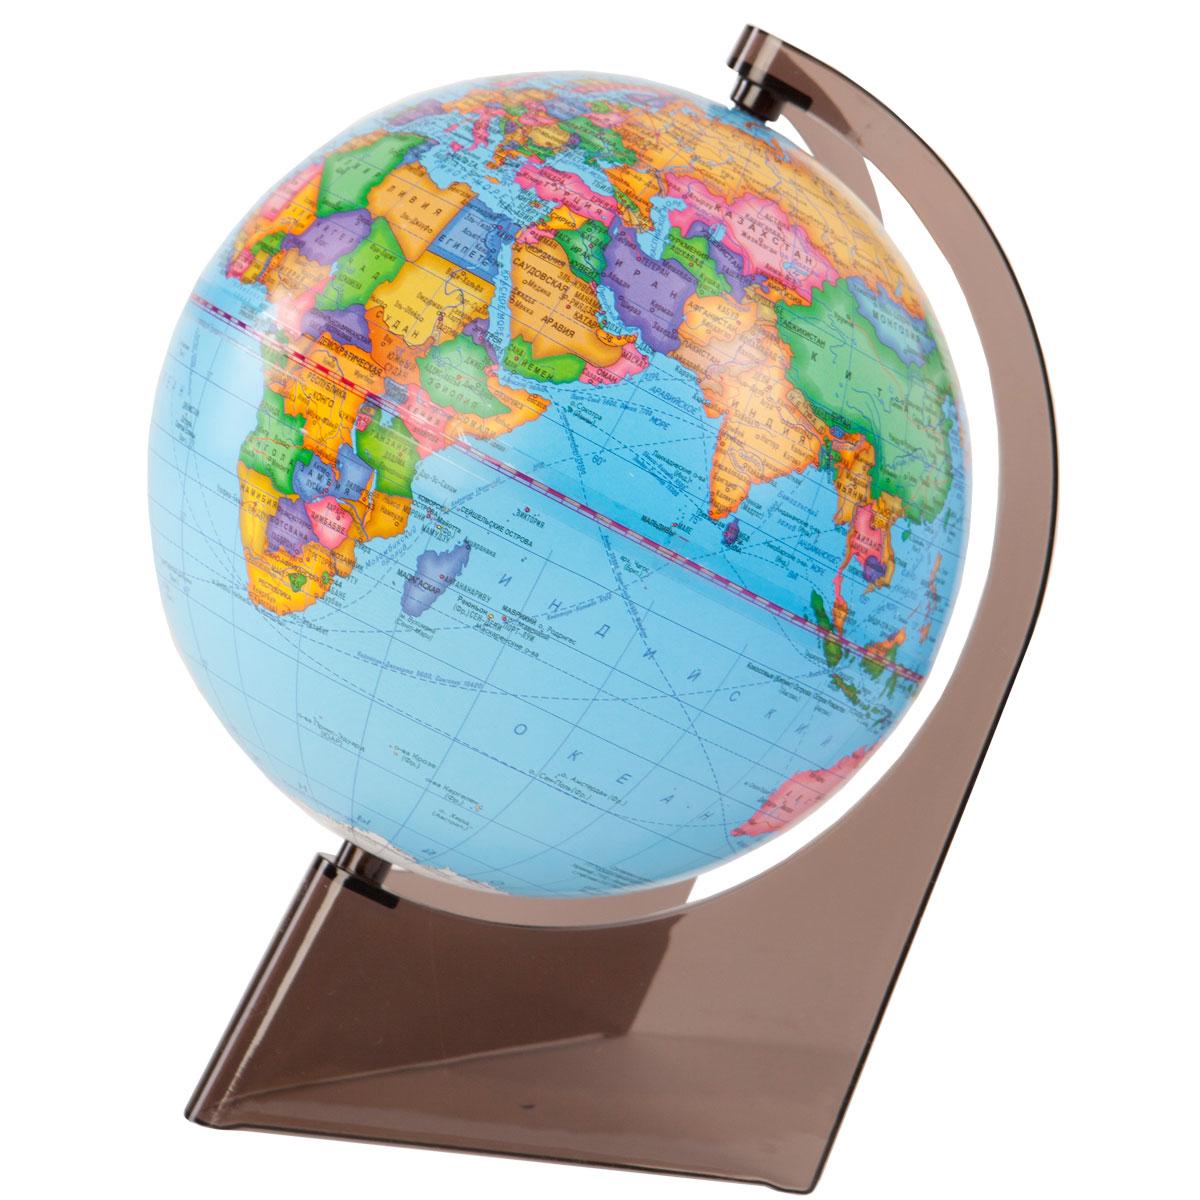 Глобусный мир Глобус политический на треугольной подставке диаметр 21 см10277Политический глобус на треугольной подставке. Диаметр: 210 мм. Масштаб: 1:60000000. Материал подставки: пластик. Цвет подставки: прозрачный.